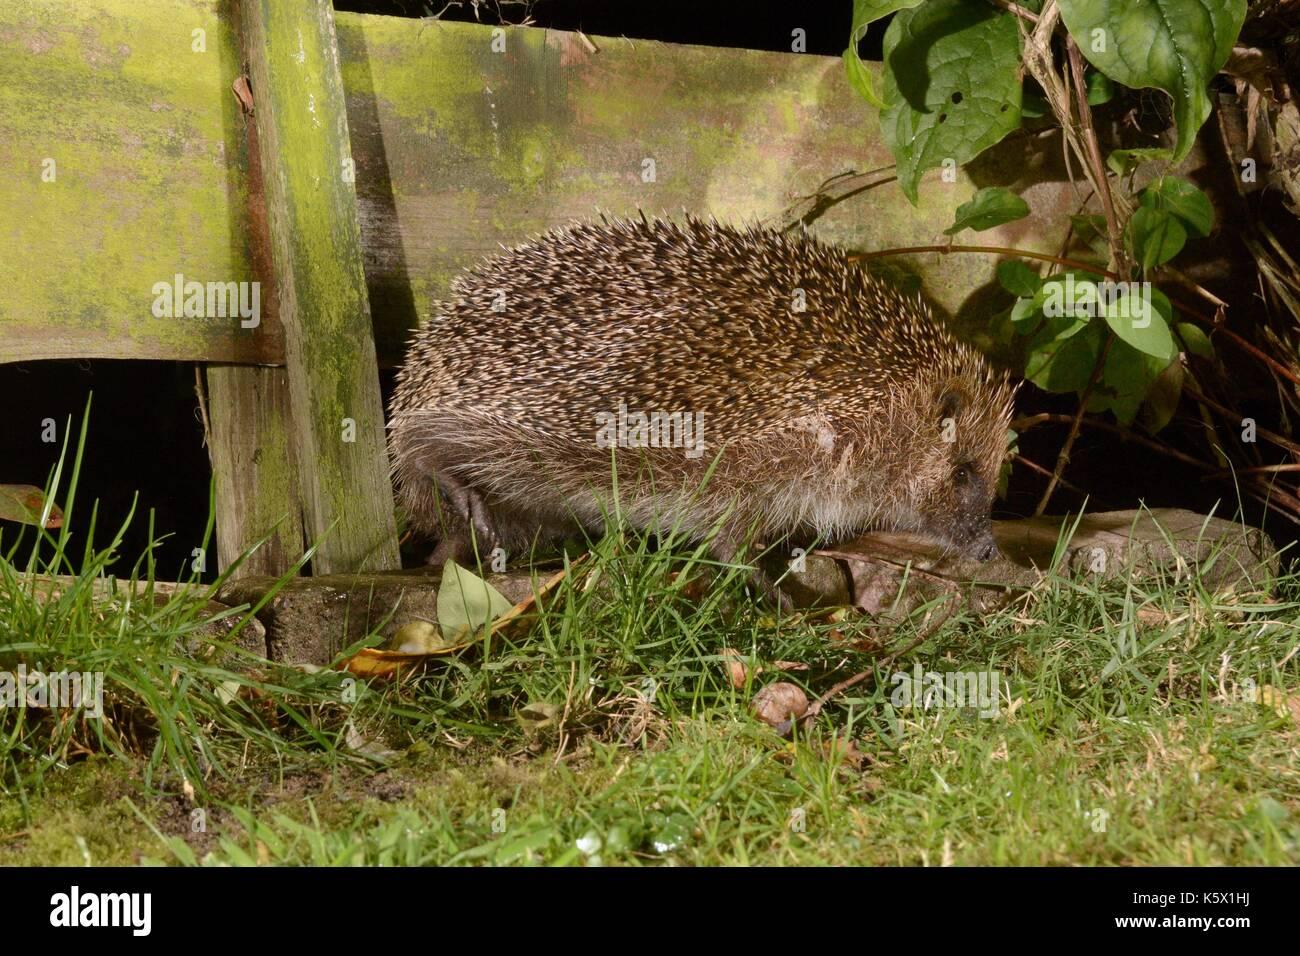 European hedgehog (Erinaceus europaeus) entering a suburban garden from the next door garden by squeezing through a gap in the fence at night, UK. - Stock Image